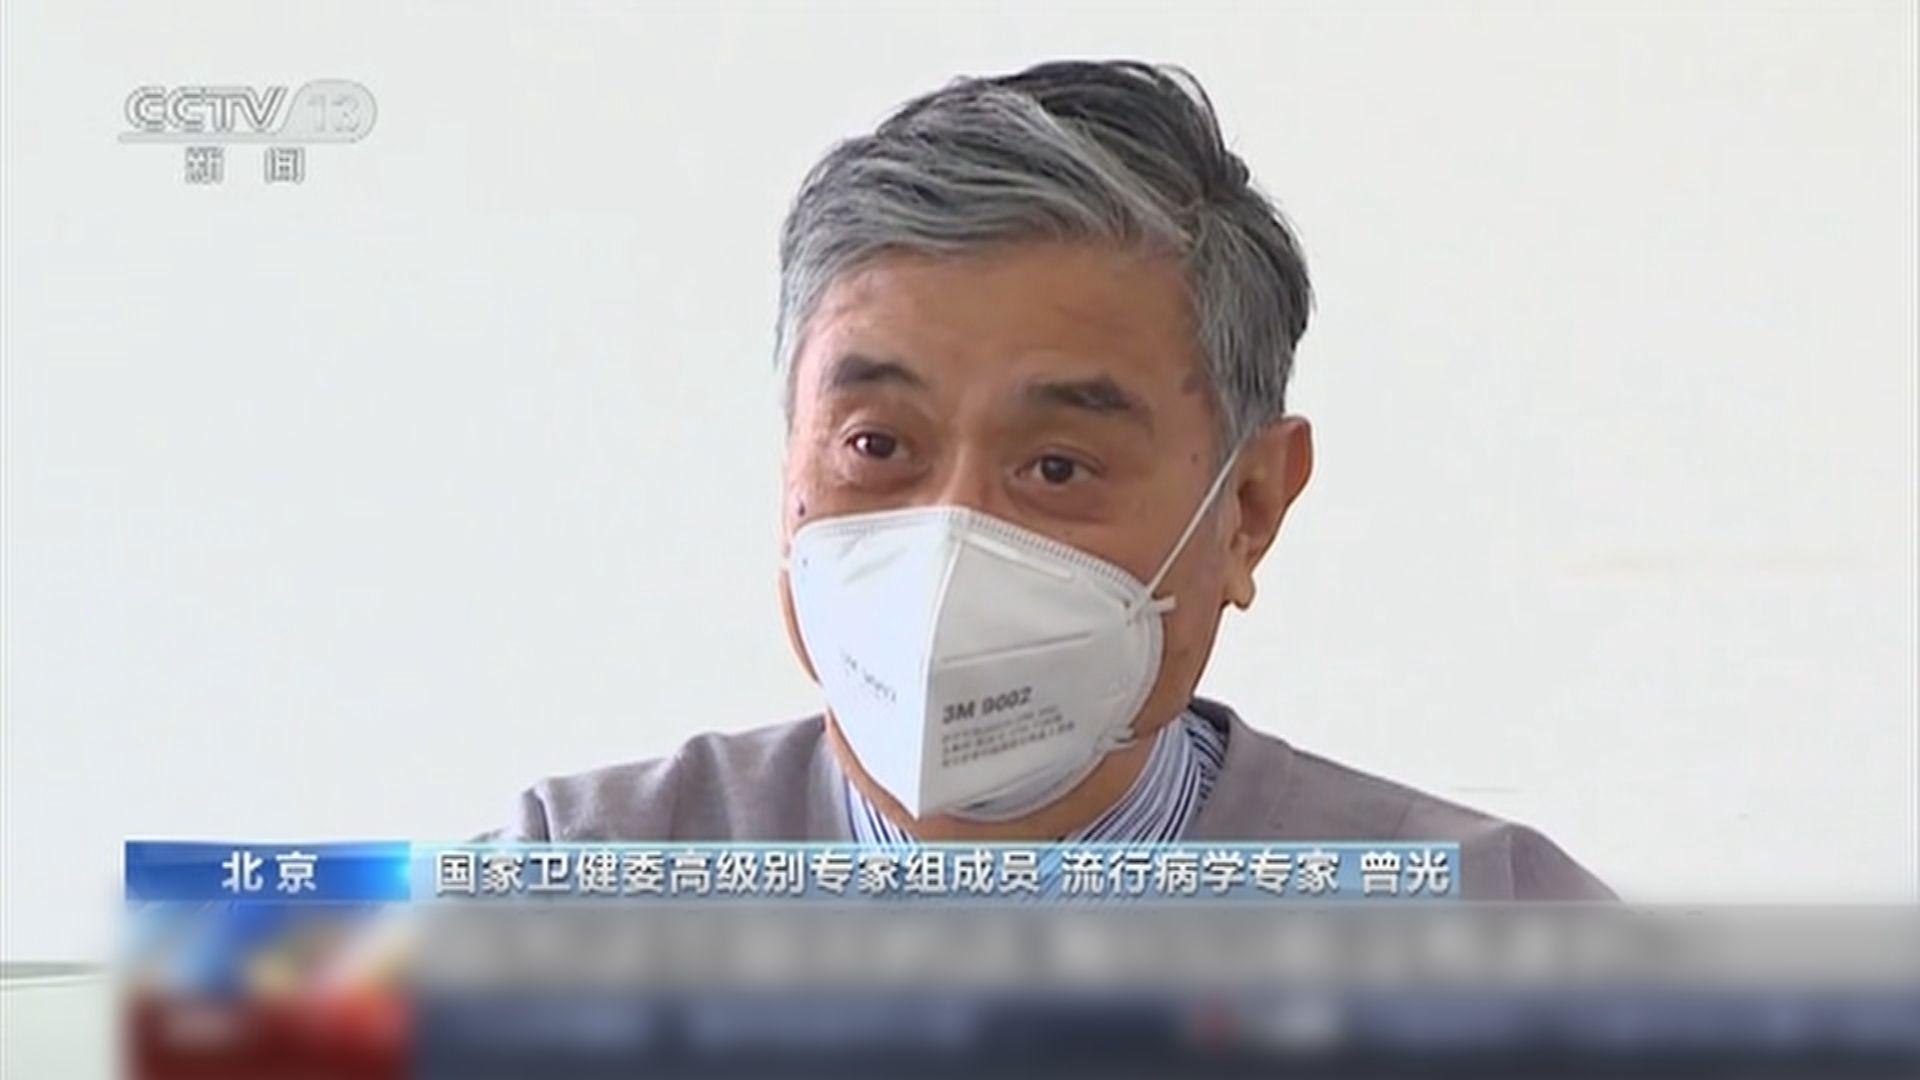 內地專家建議病人不要湧到醫院發熱門診看病